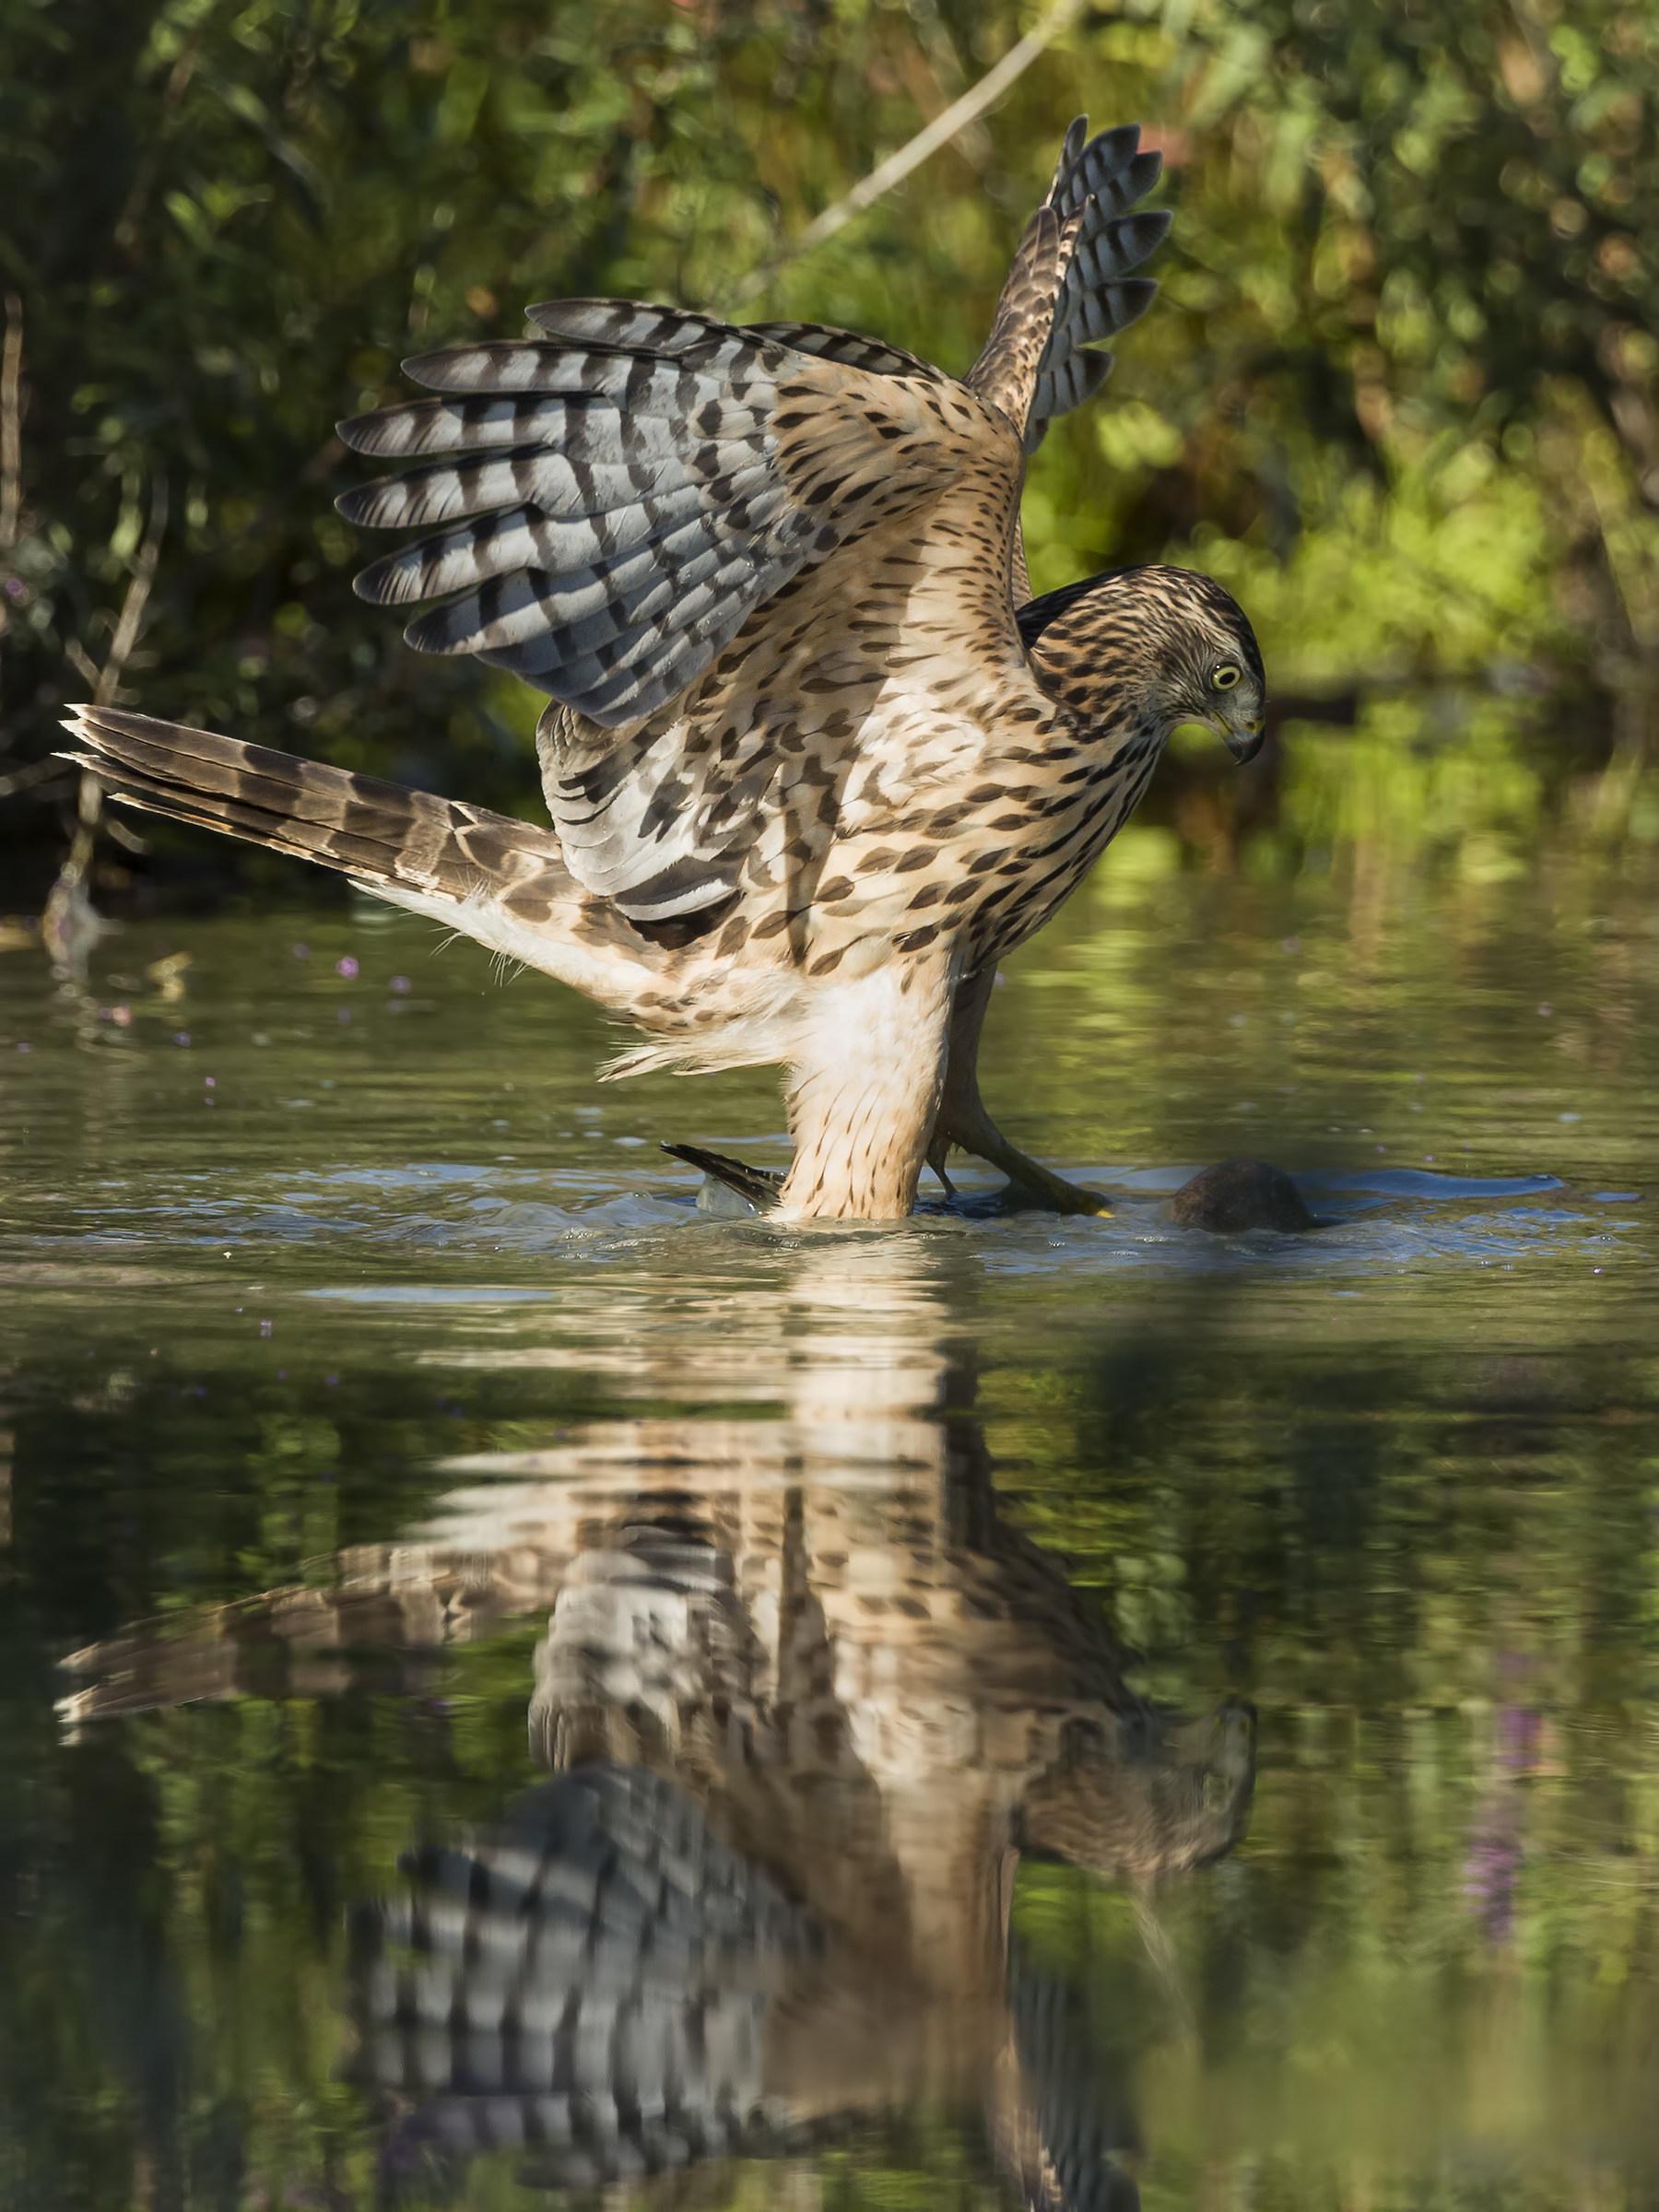 Goshawk with prey - drowning...